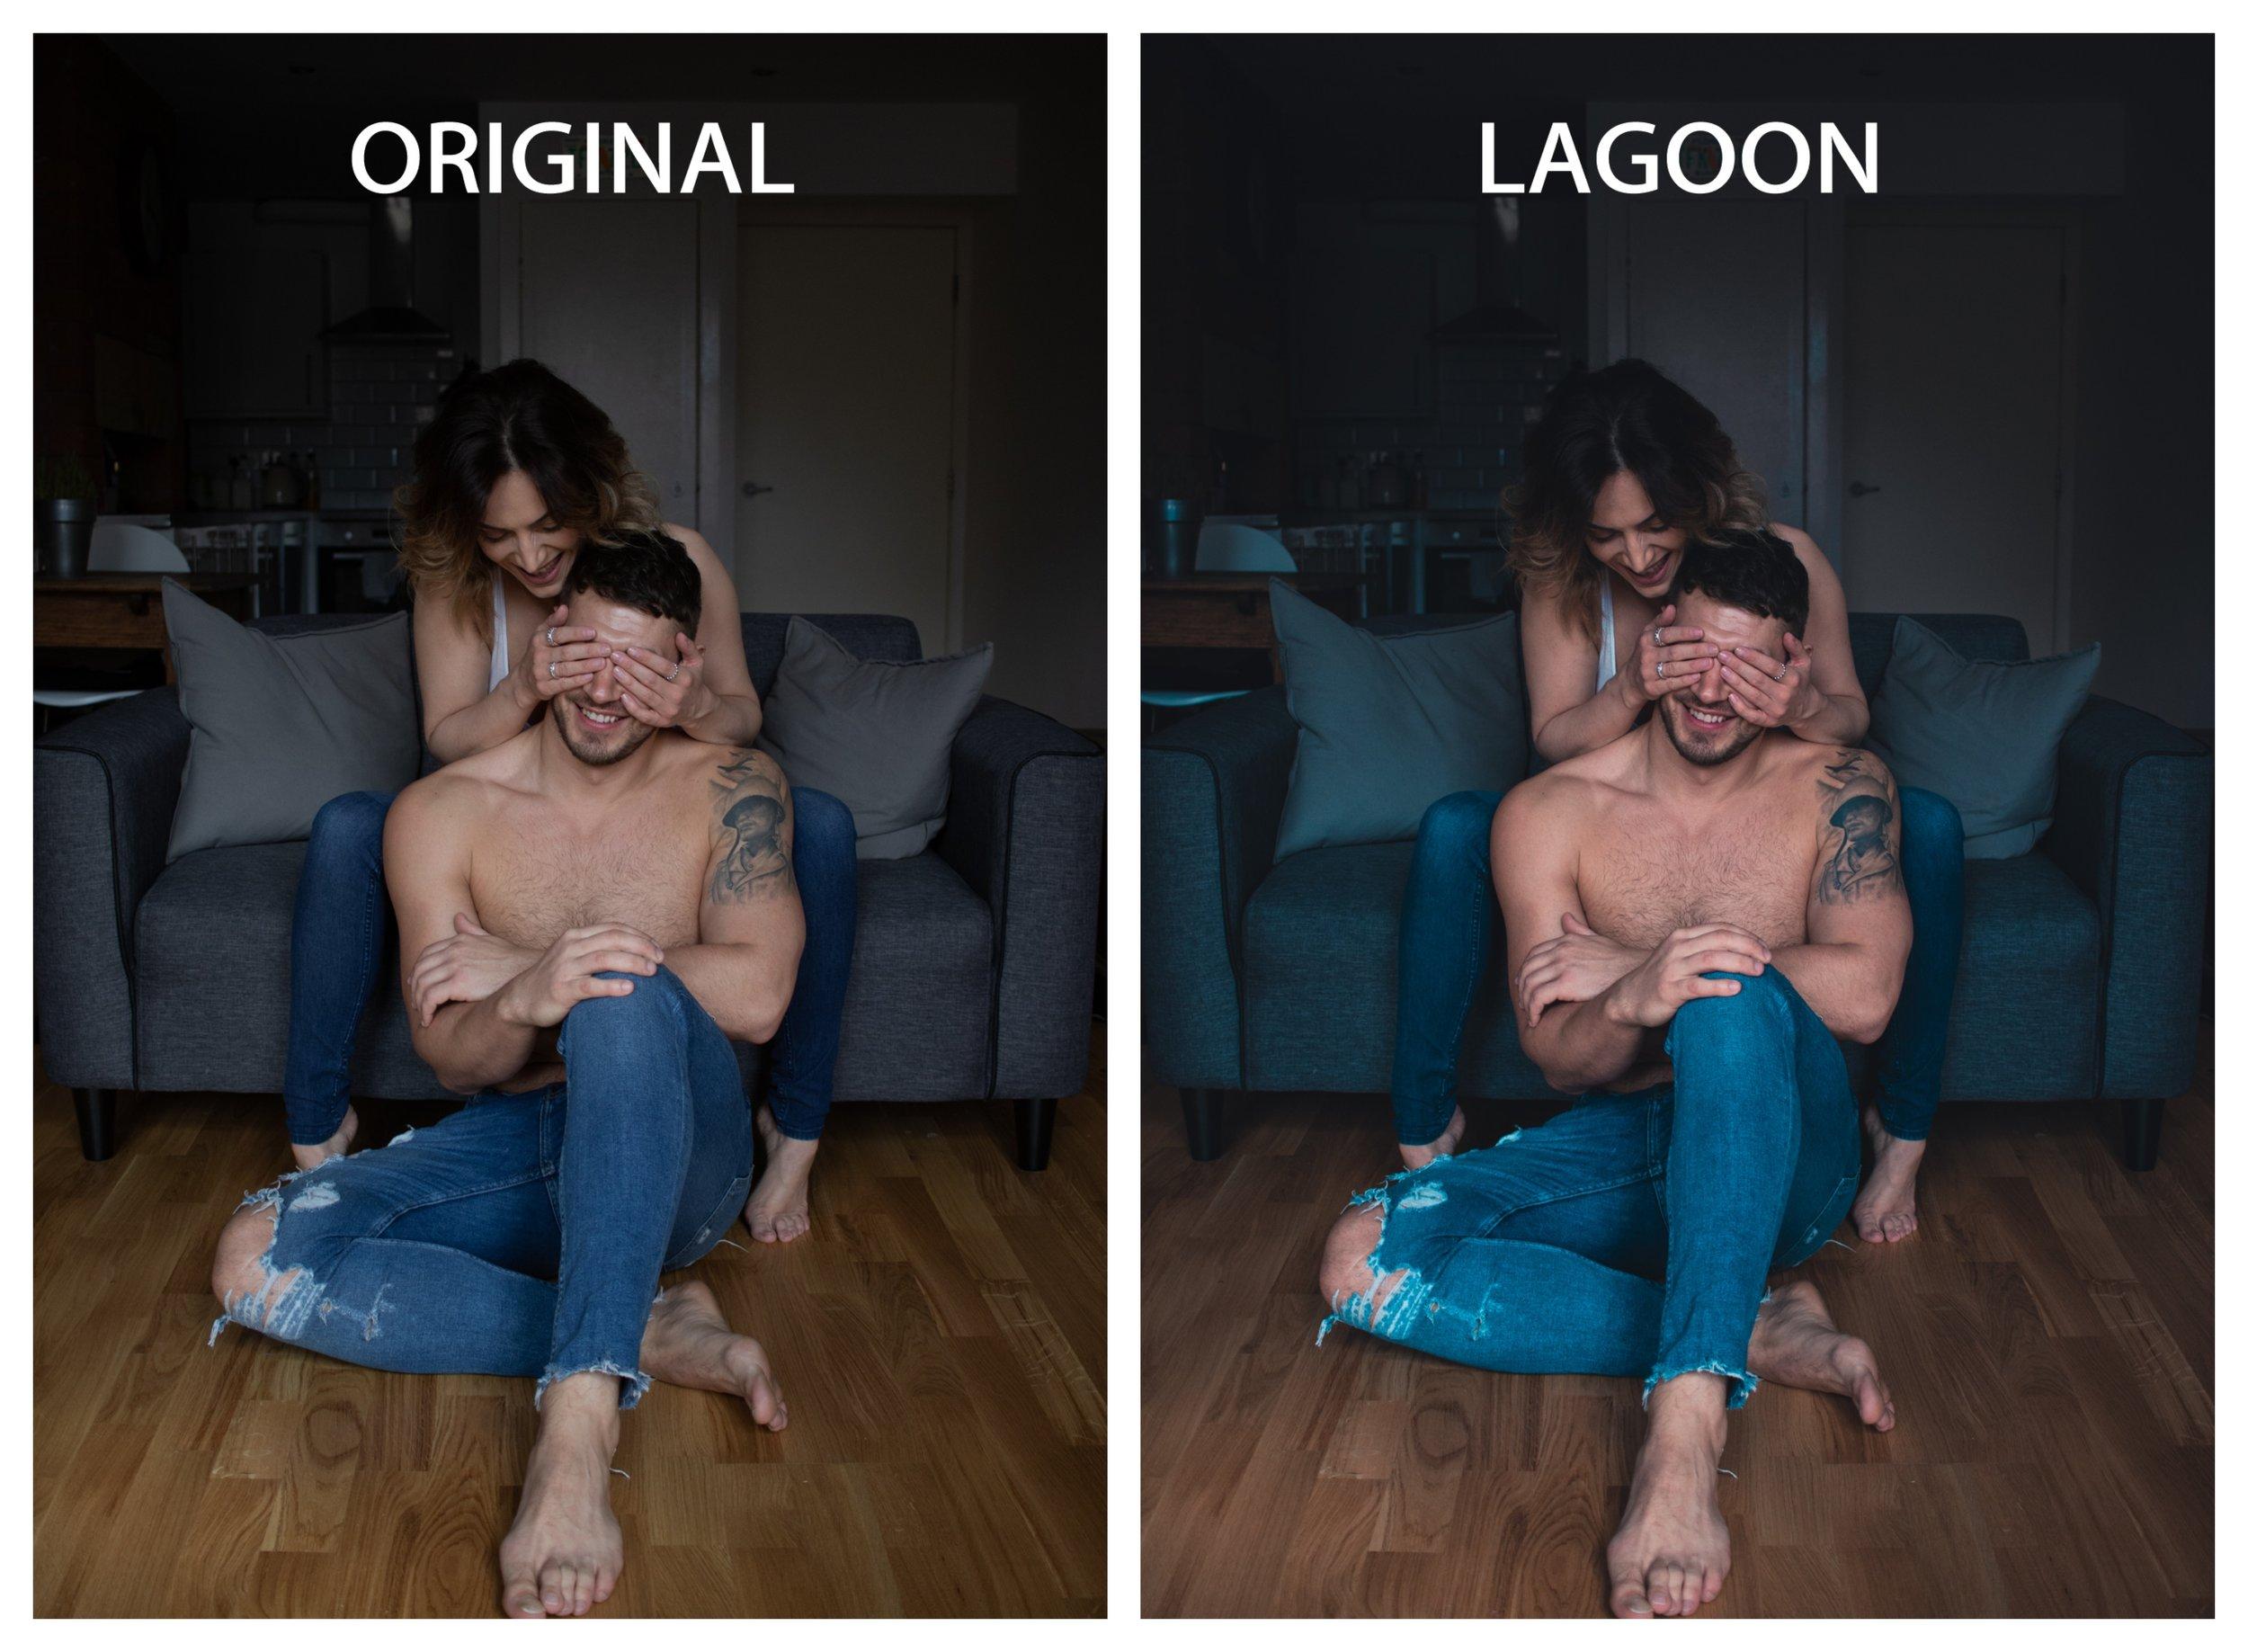 water pack_lagoon2.jpg